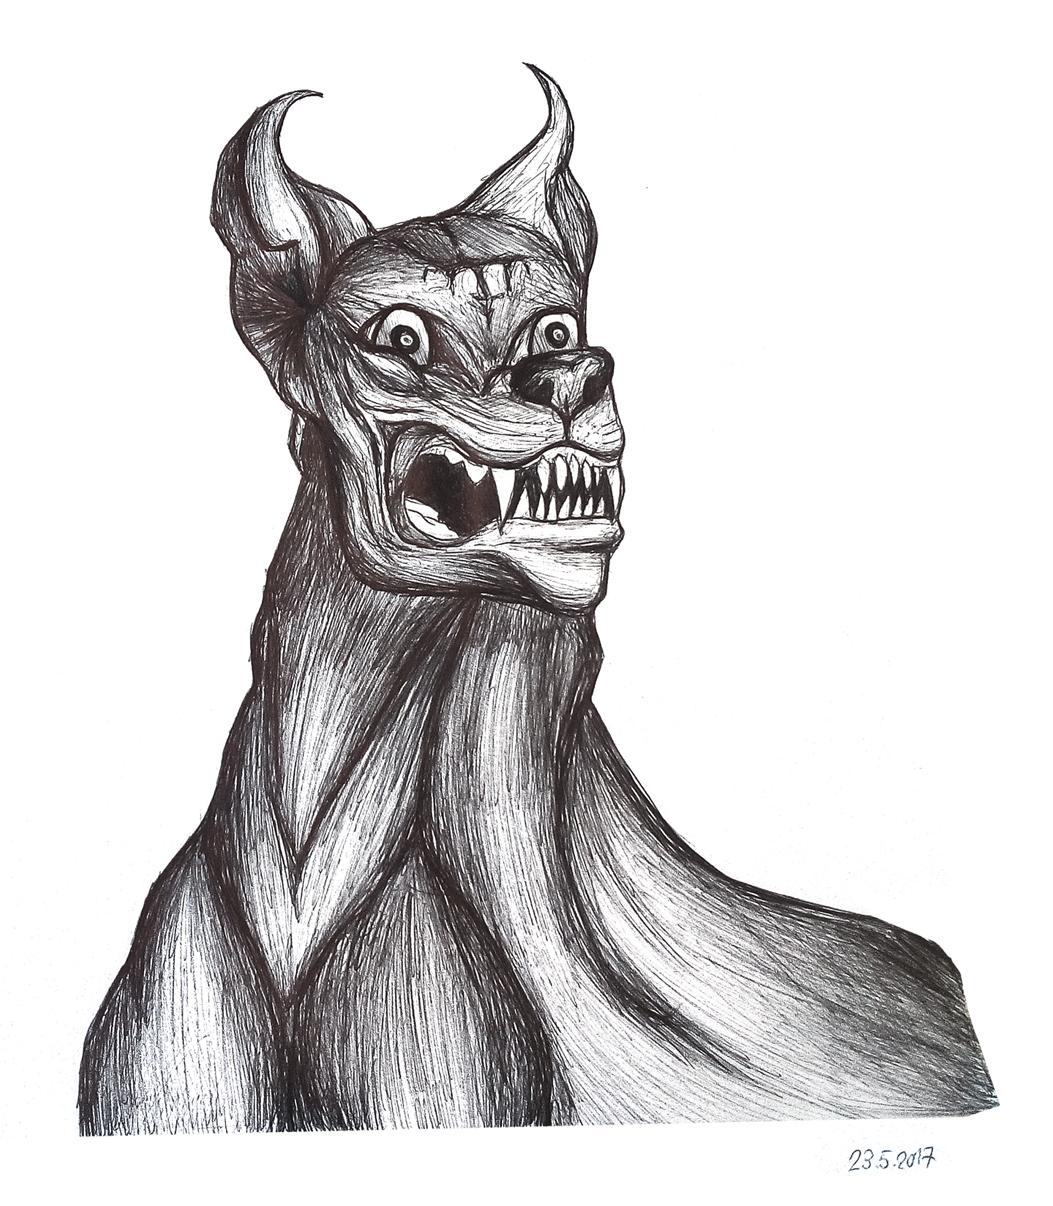 Pokémon-Zeichnung: Demon